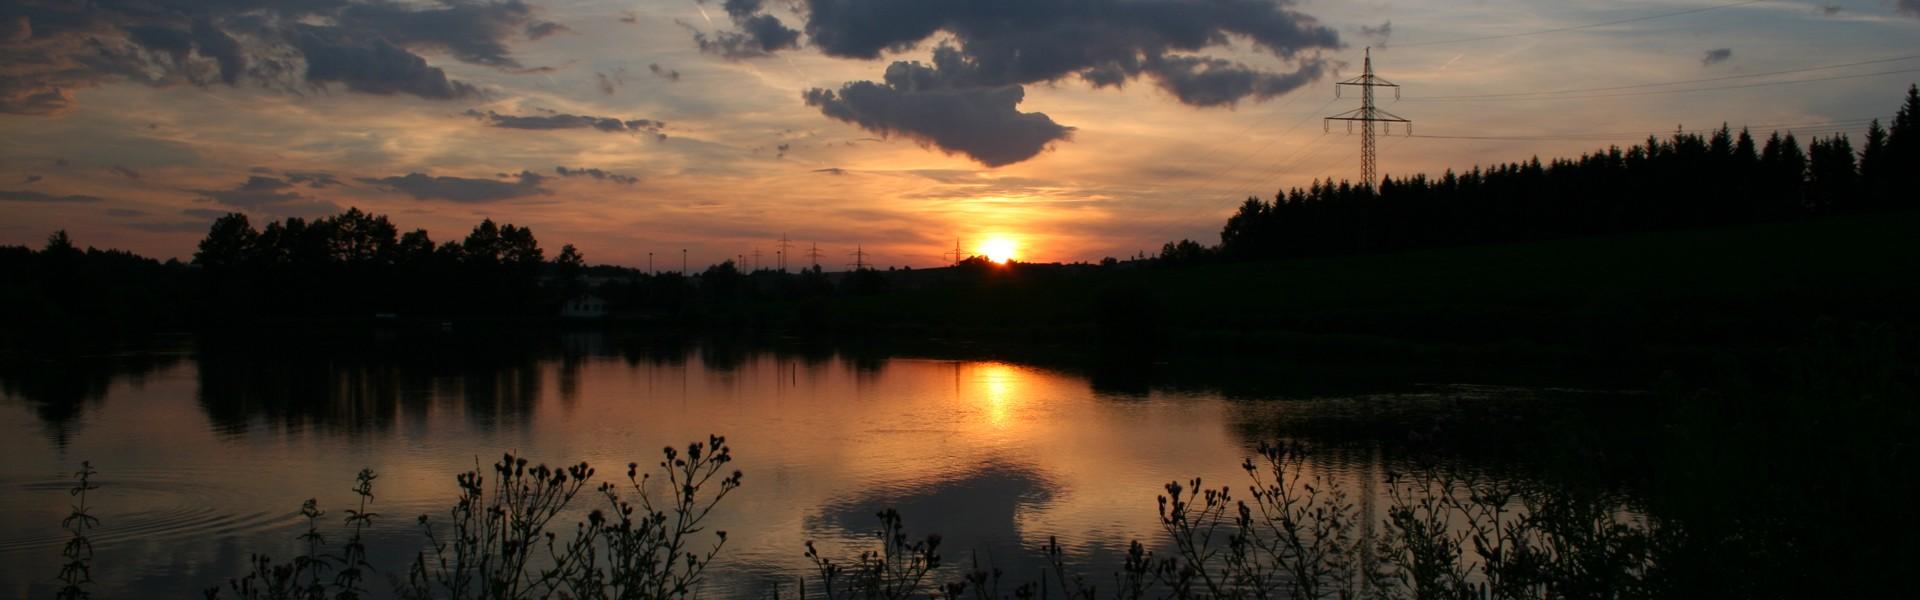 Winterweiher - Sonnenuntergang Golf- und Landhotel Anetseder